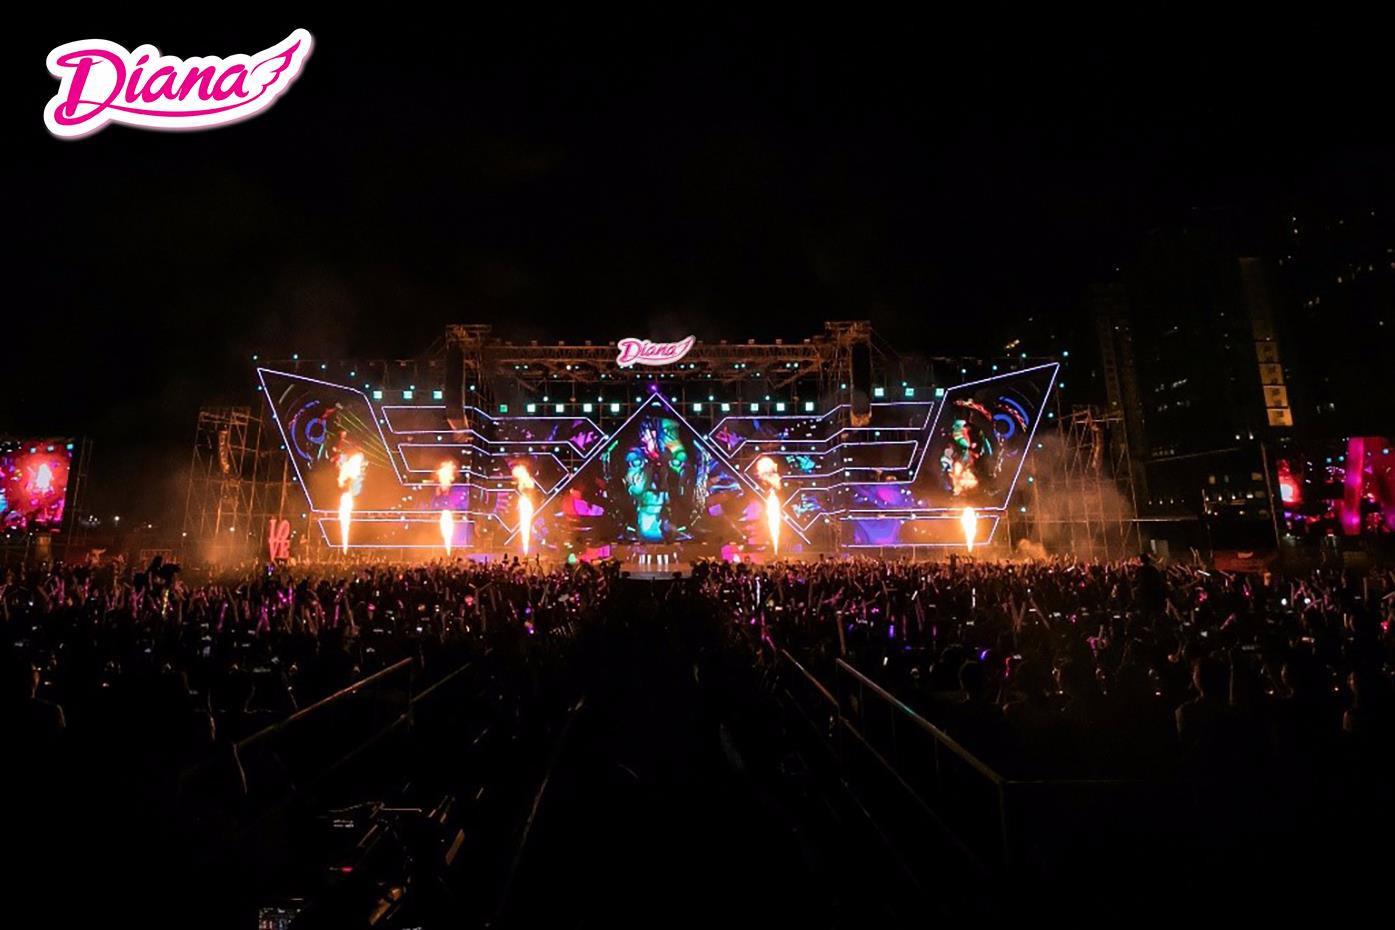 5 cái nhất khiến fans Việt choáng toàn tập với đại nhạc hội của Diana - Ảnh 2.